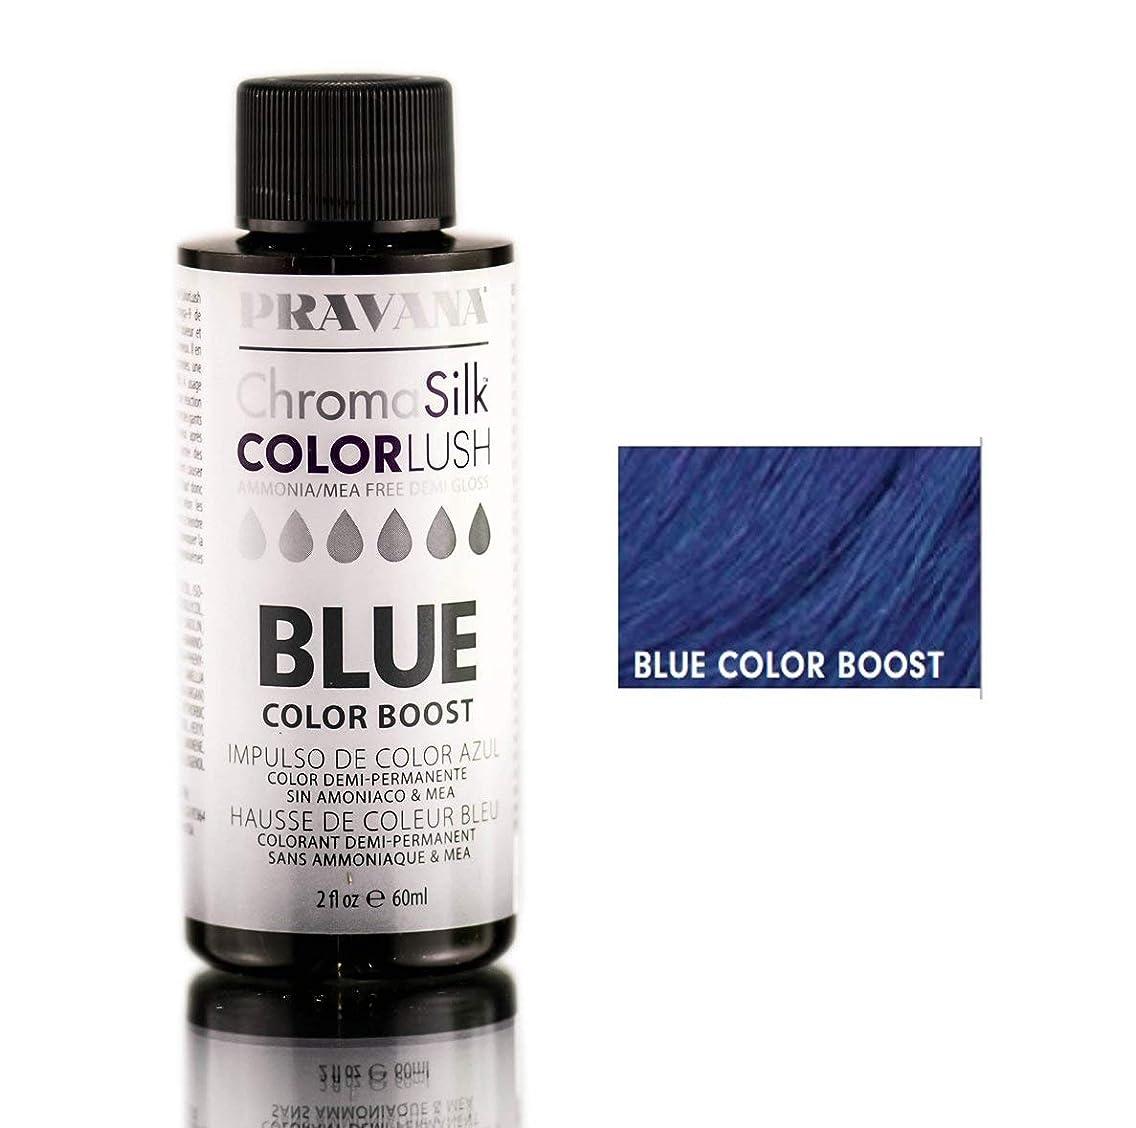 砦シネウィ十Pravana ChromaSilk ColorLush色ブースト - ブルー/ 2オンス